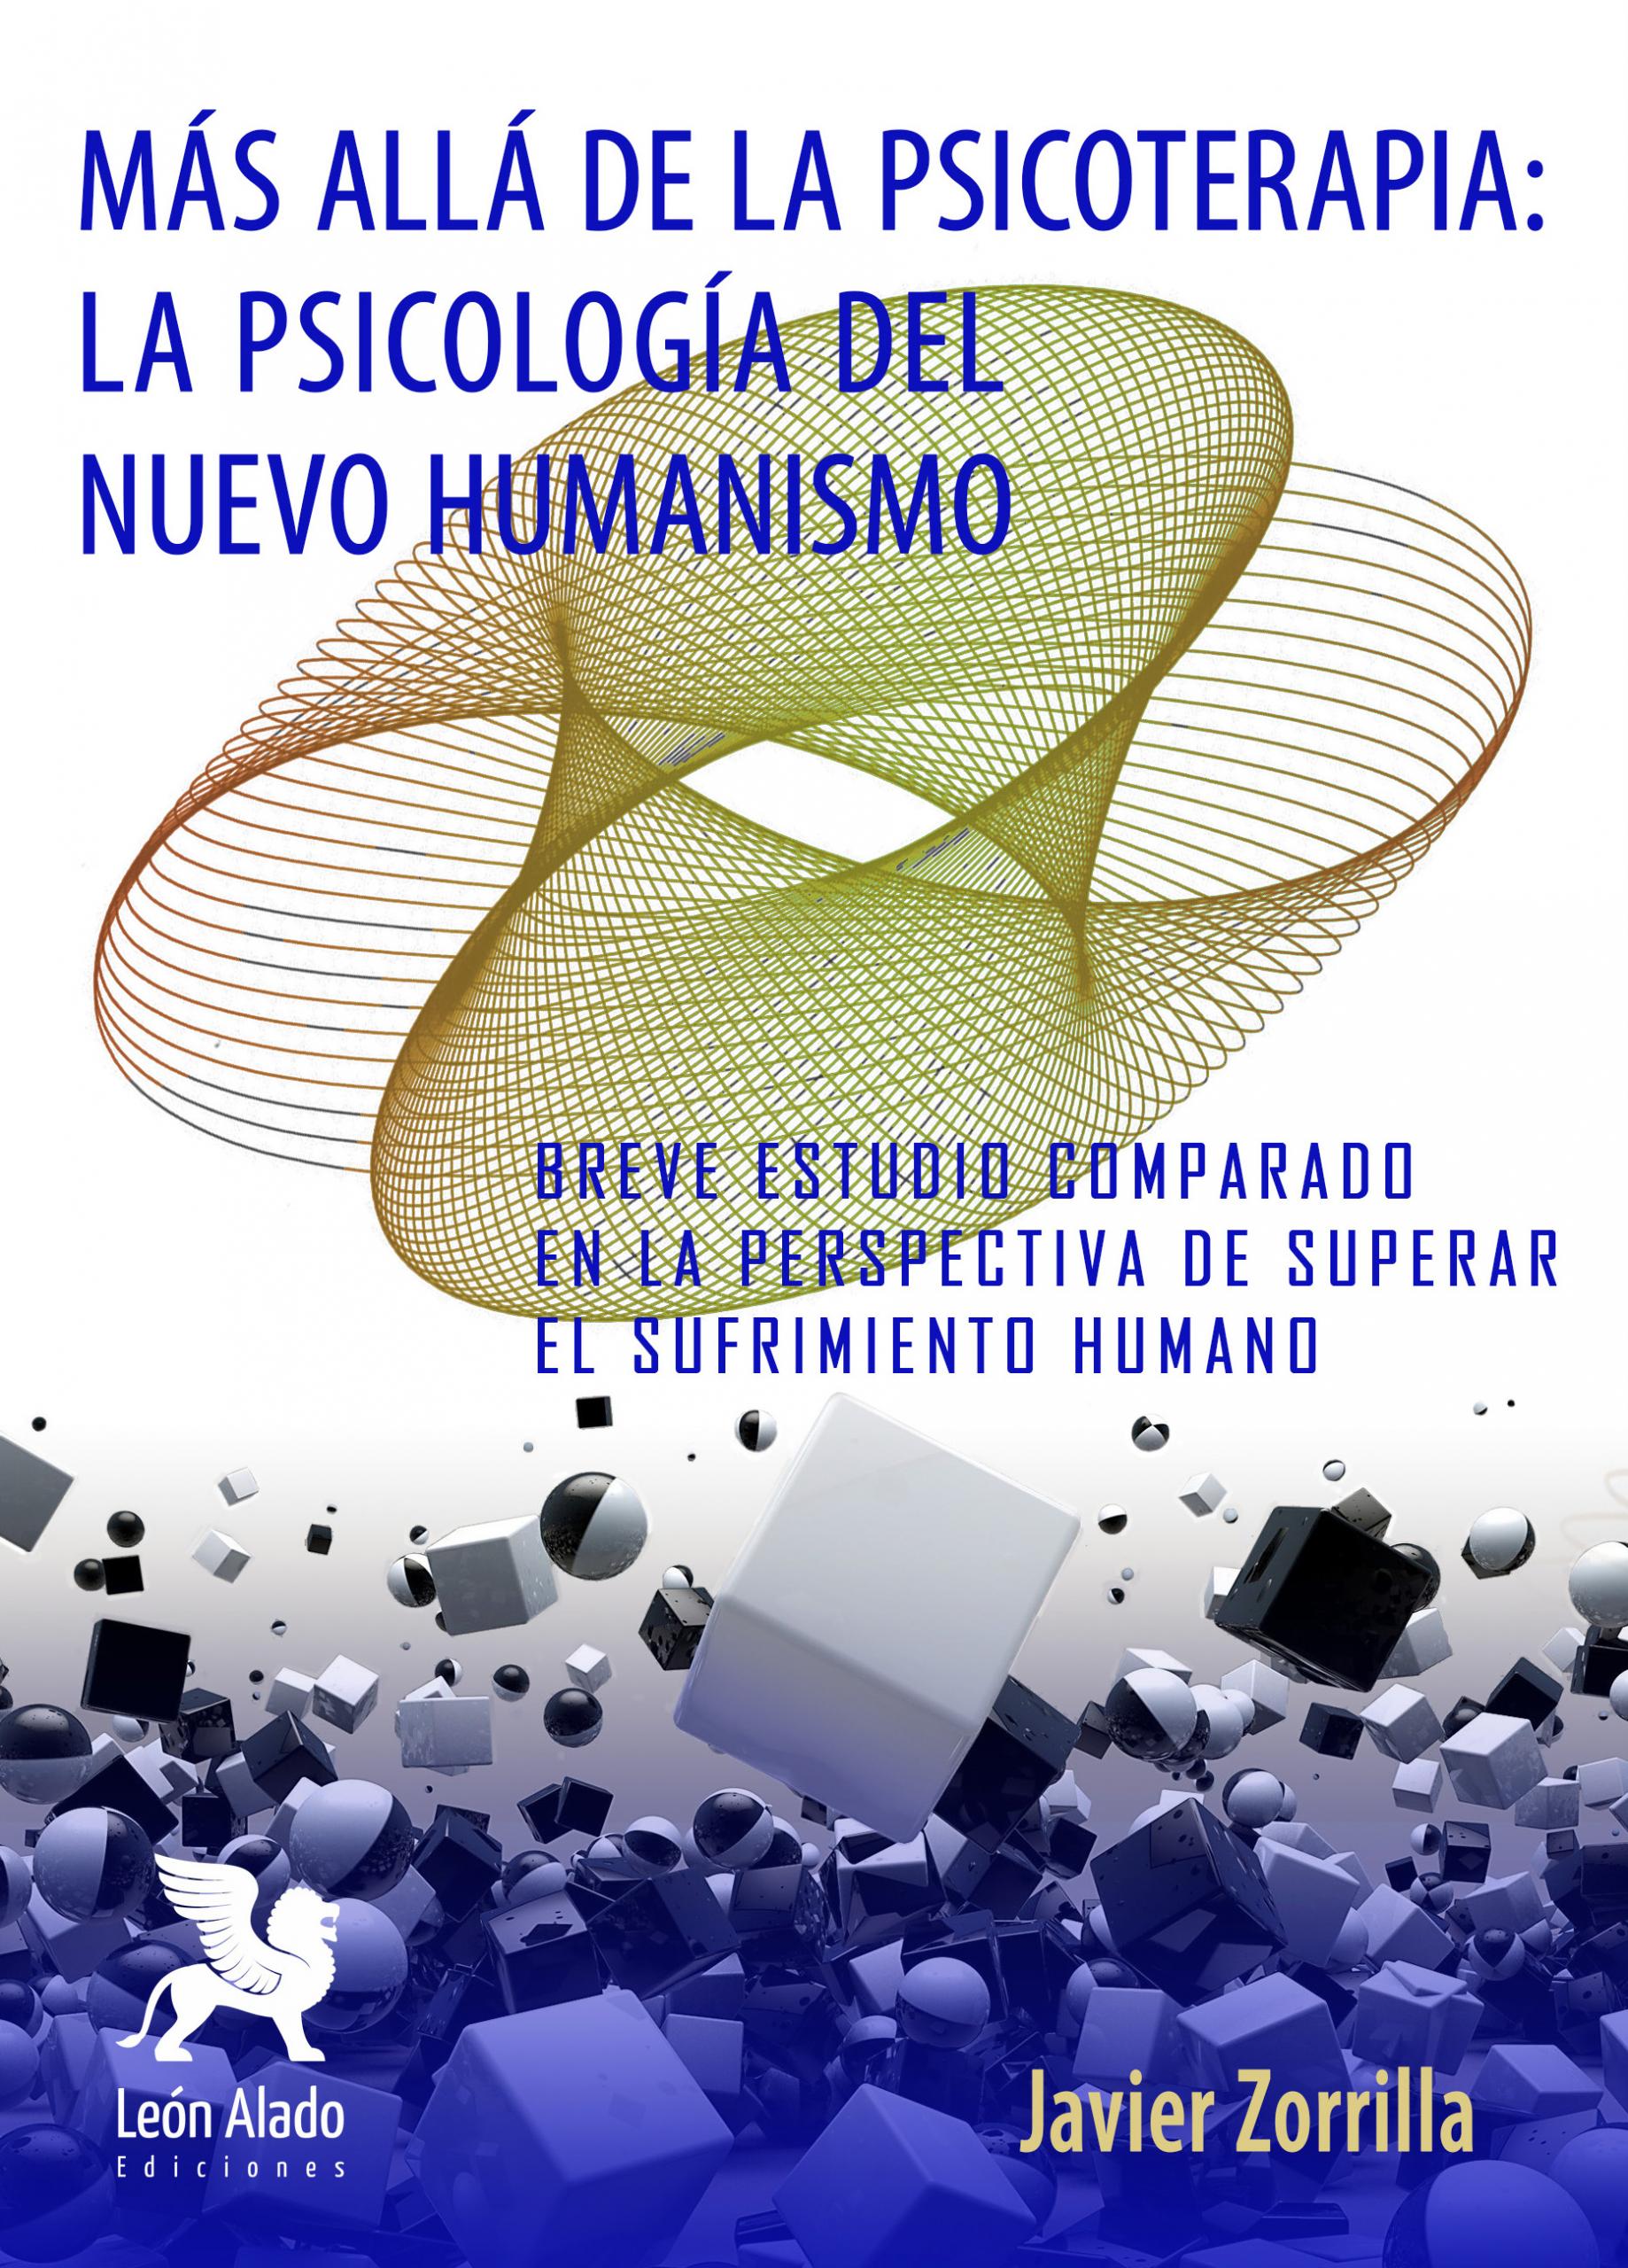 Psicología del nuevo humanismo